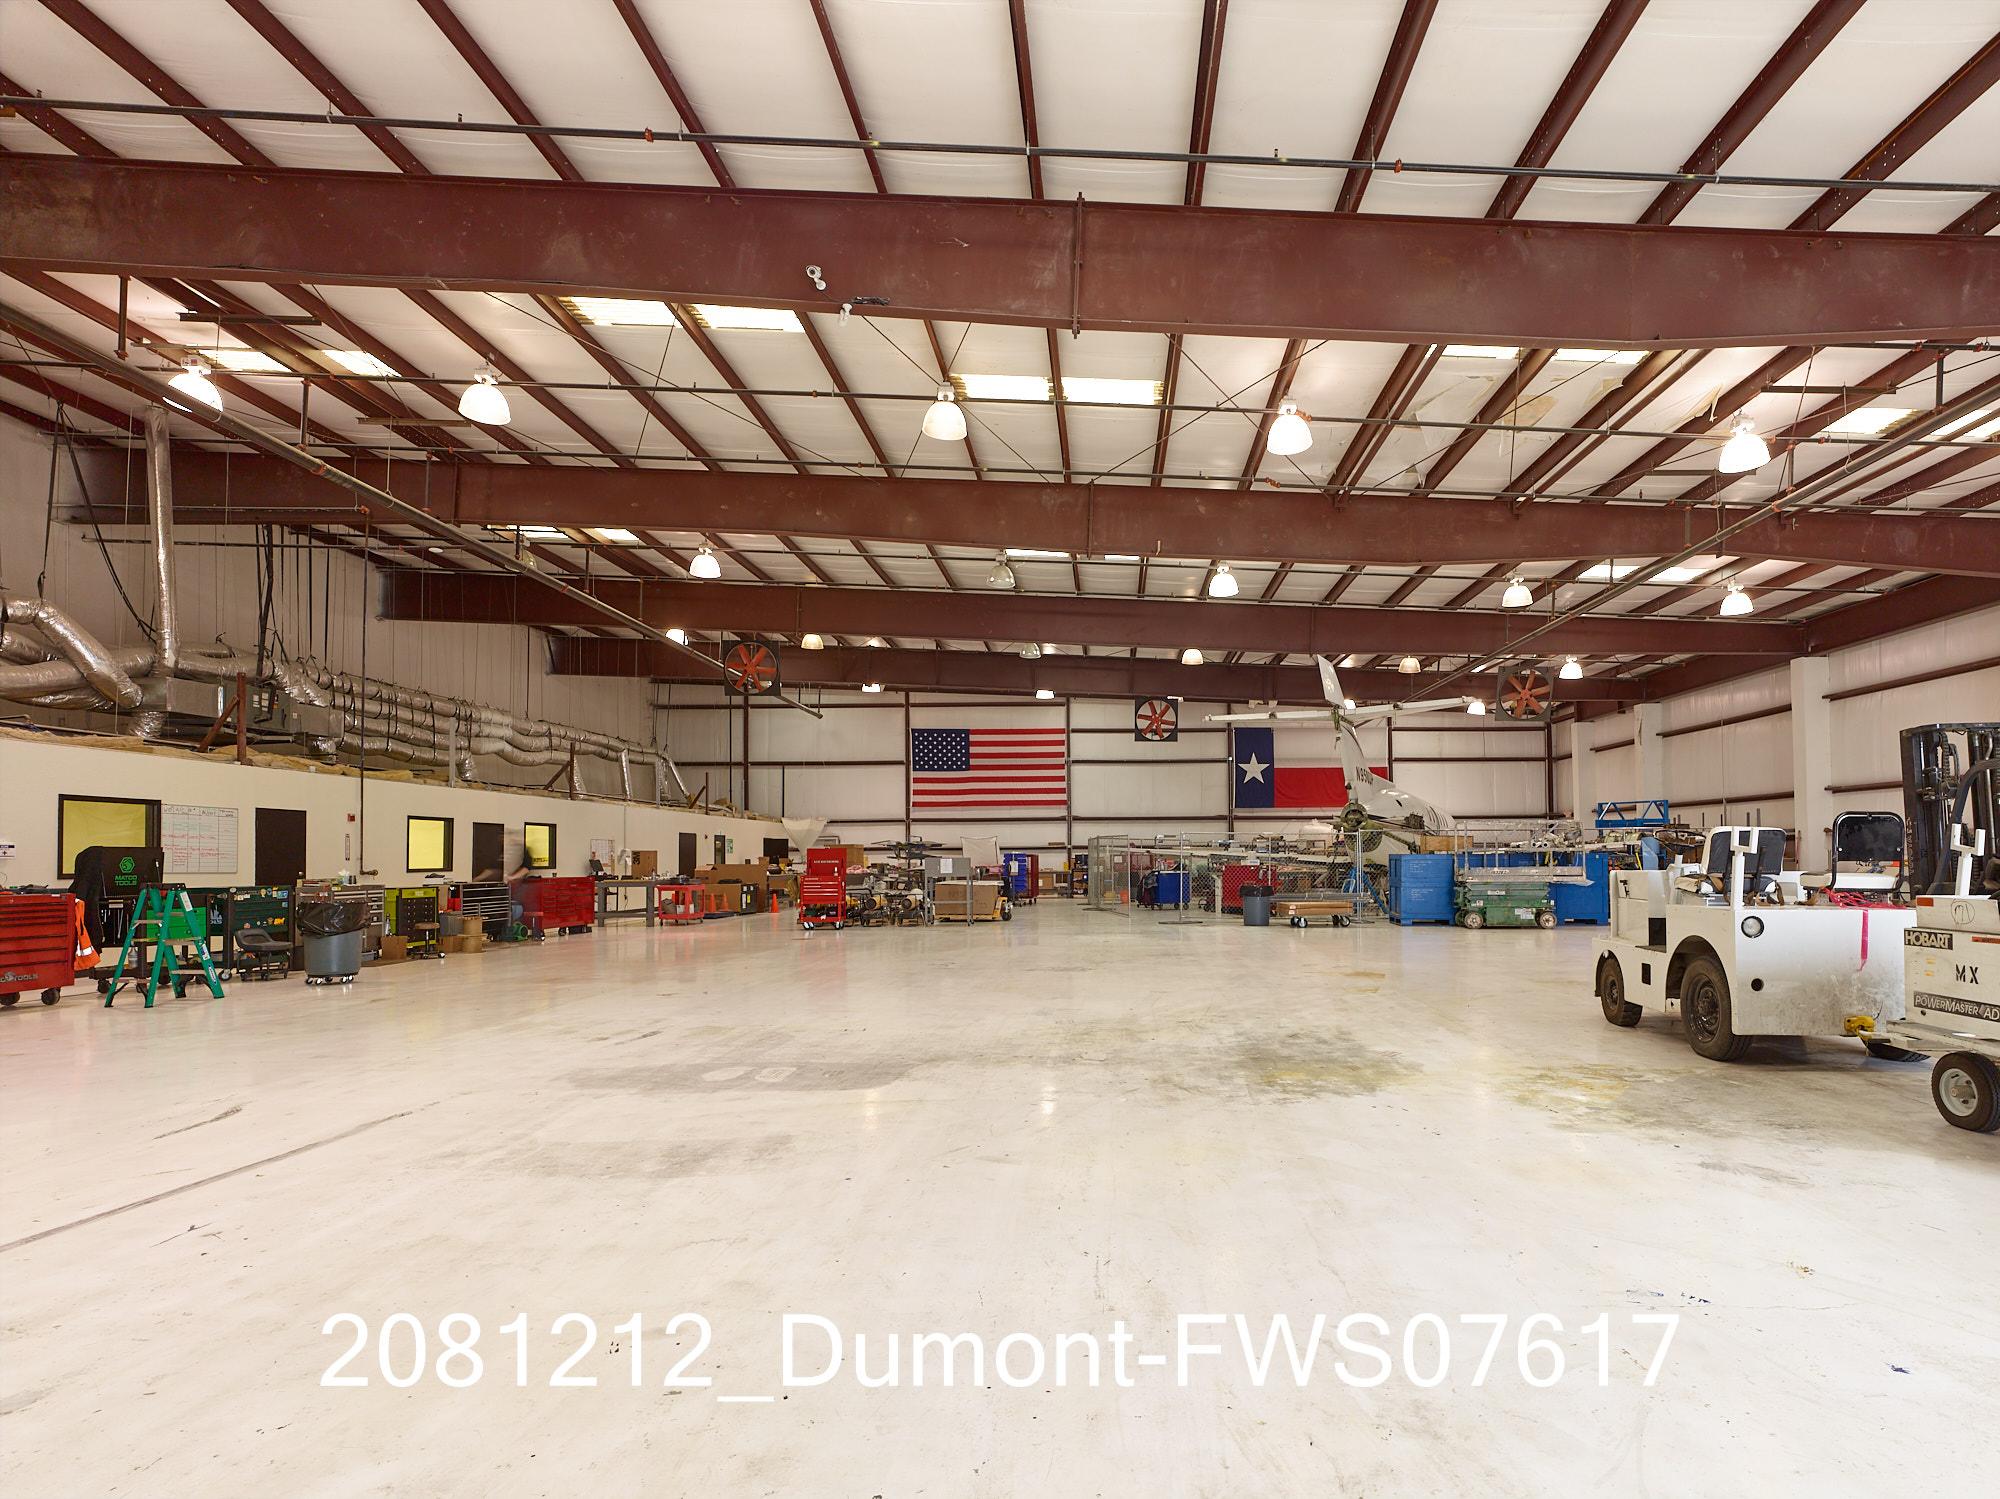 2081212_Dumont-FWS07617.jpg